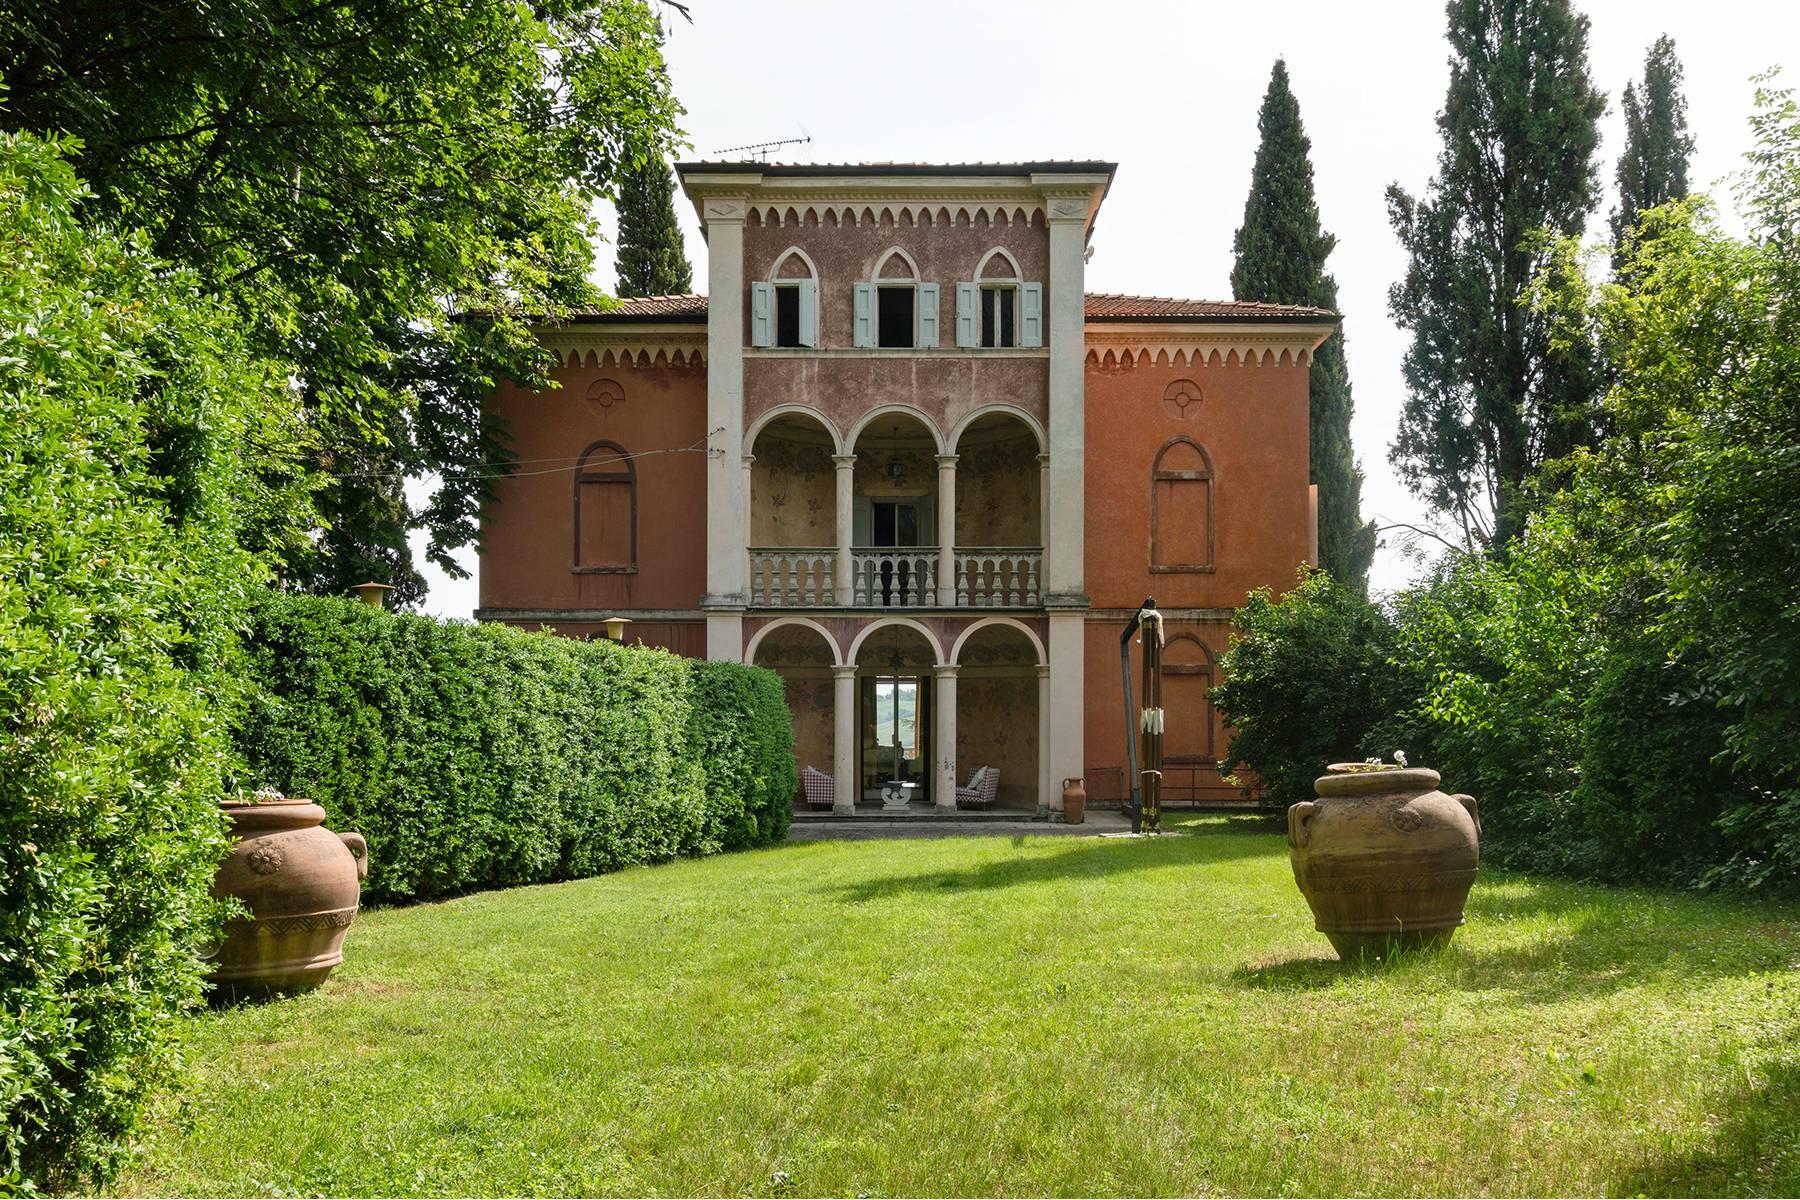 Villa in Vendita a Fiorano Modenese: 5 locali, 470 mq - Foto 2